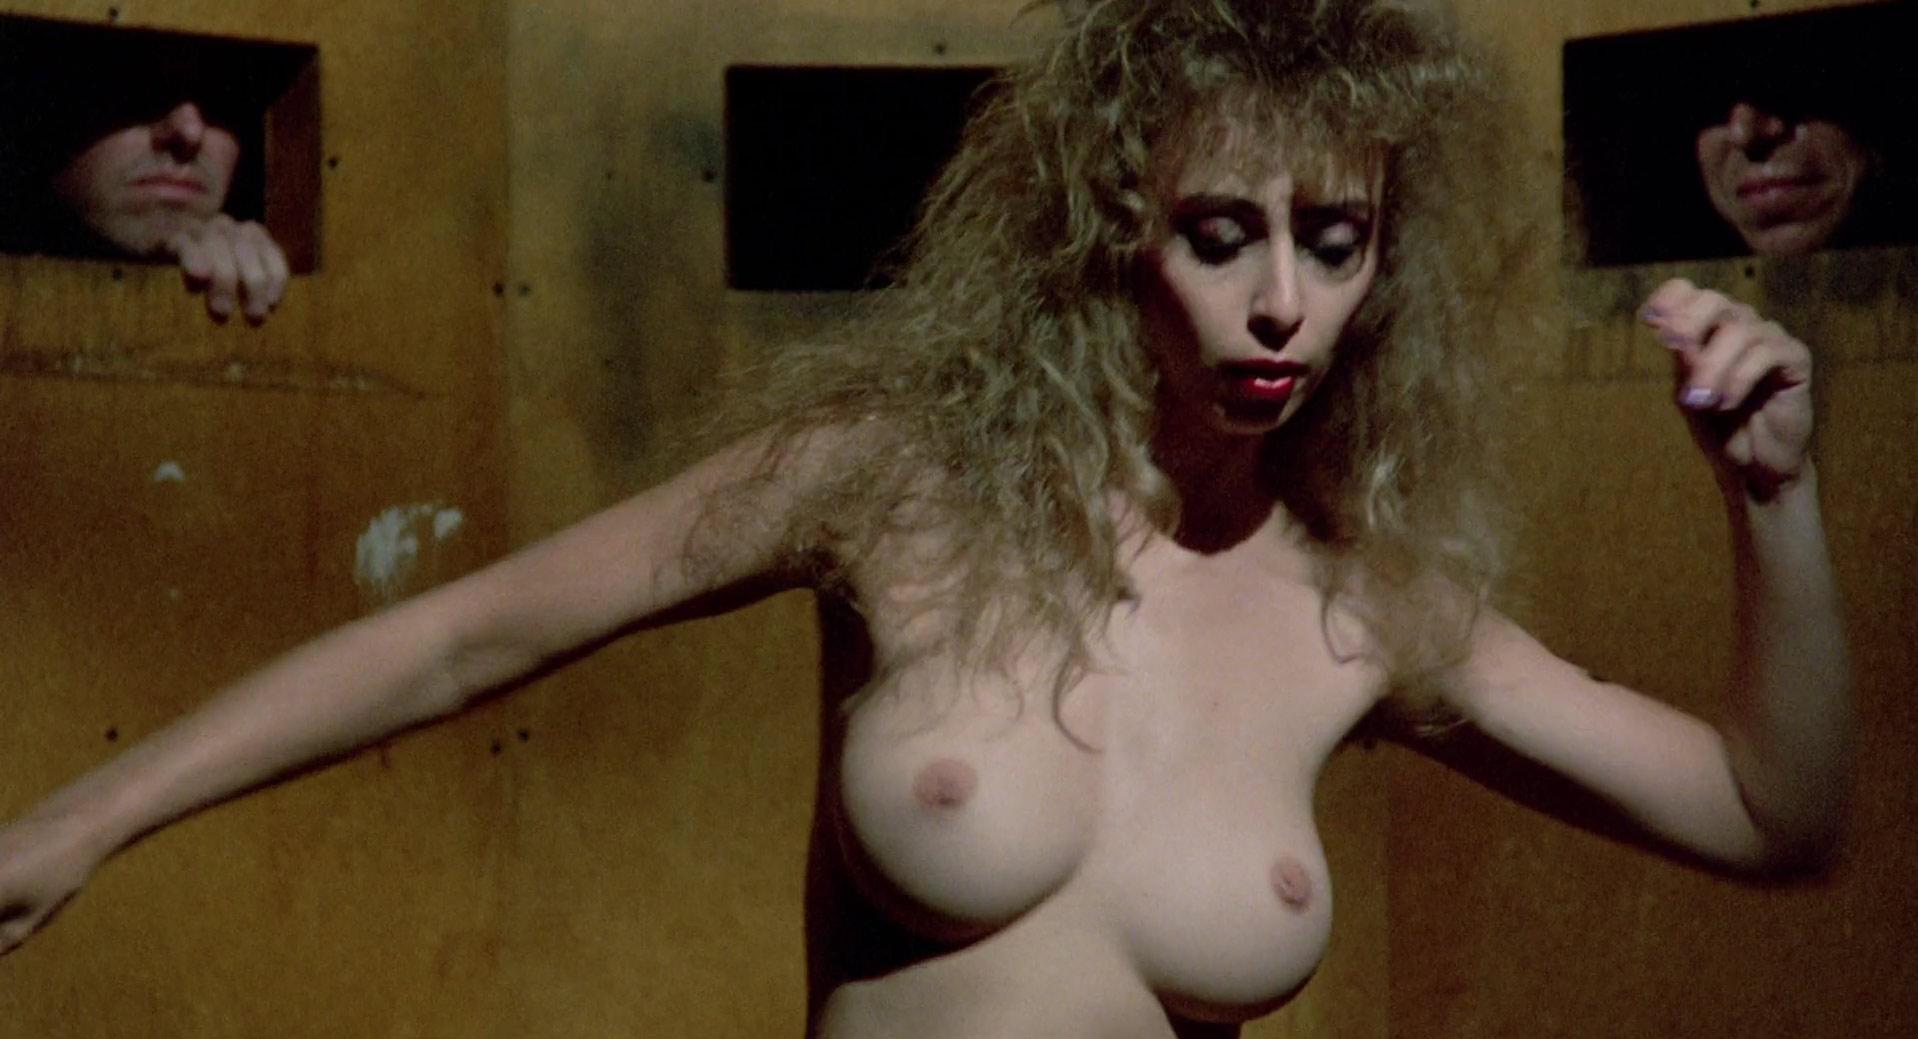 Janis paige nude